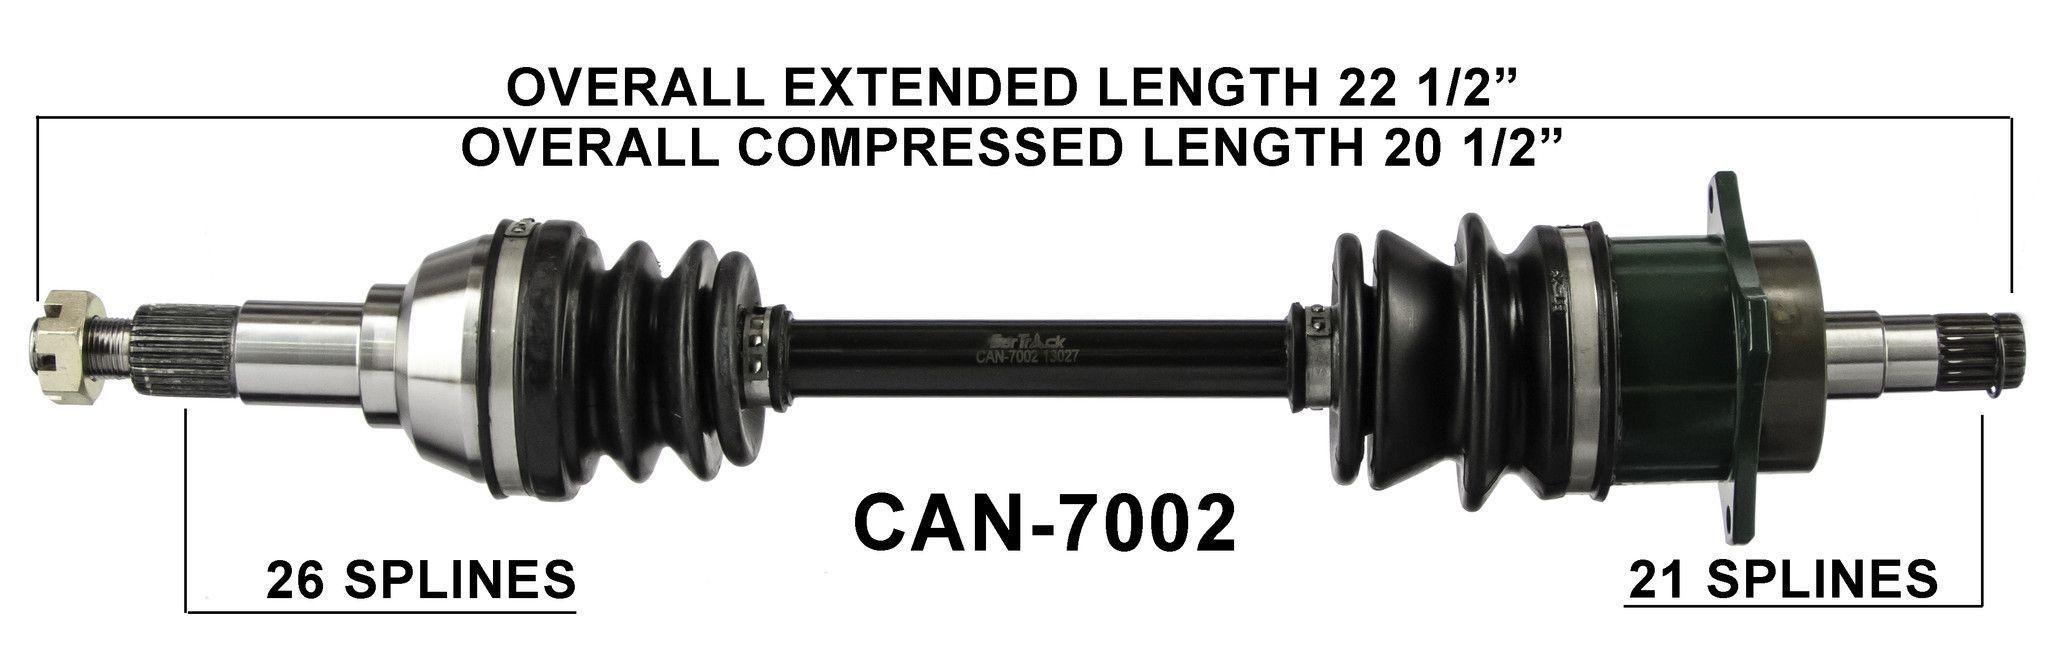 Pin on ATV/UTV cv axles for sale